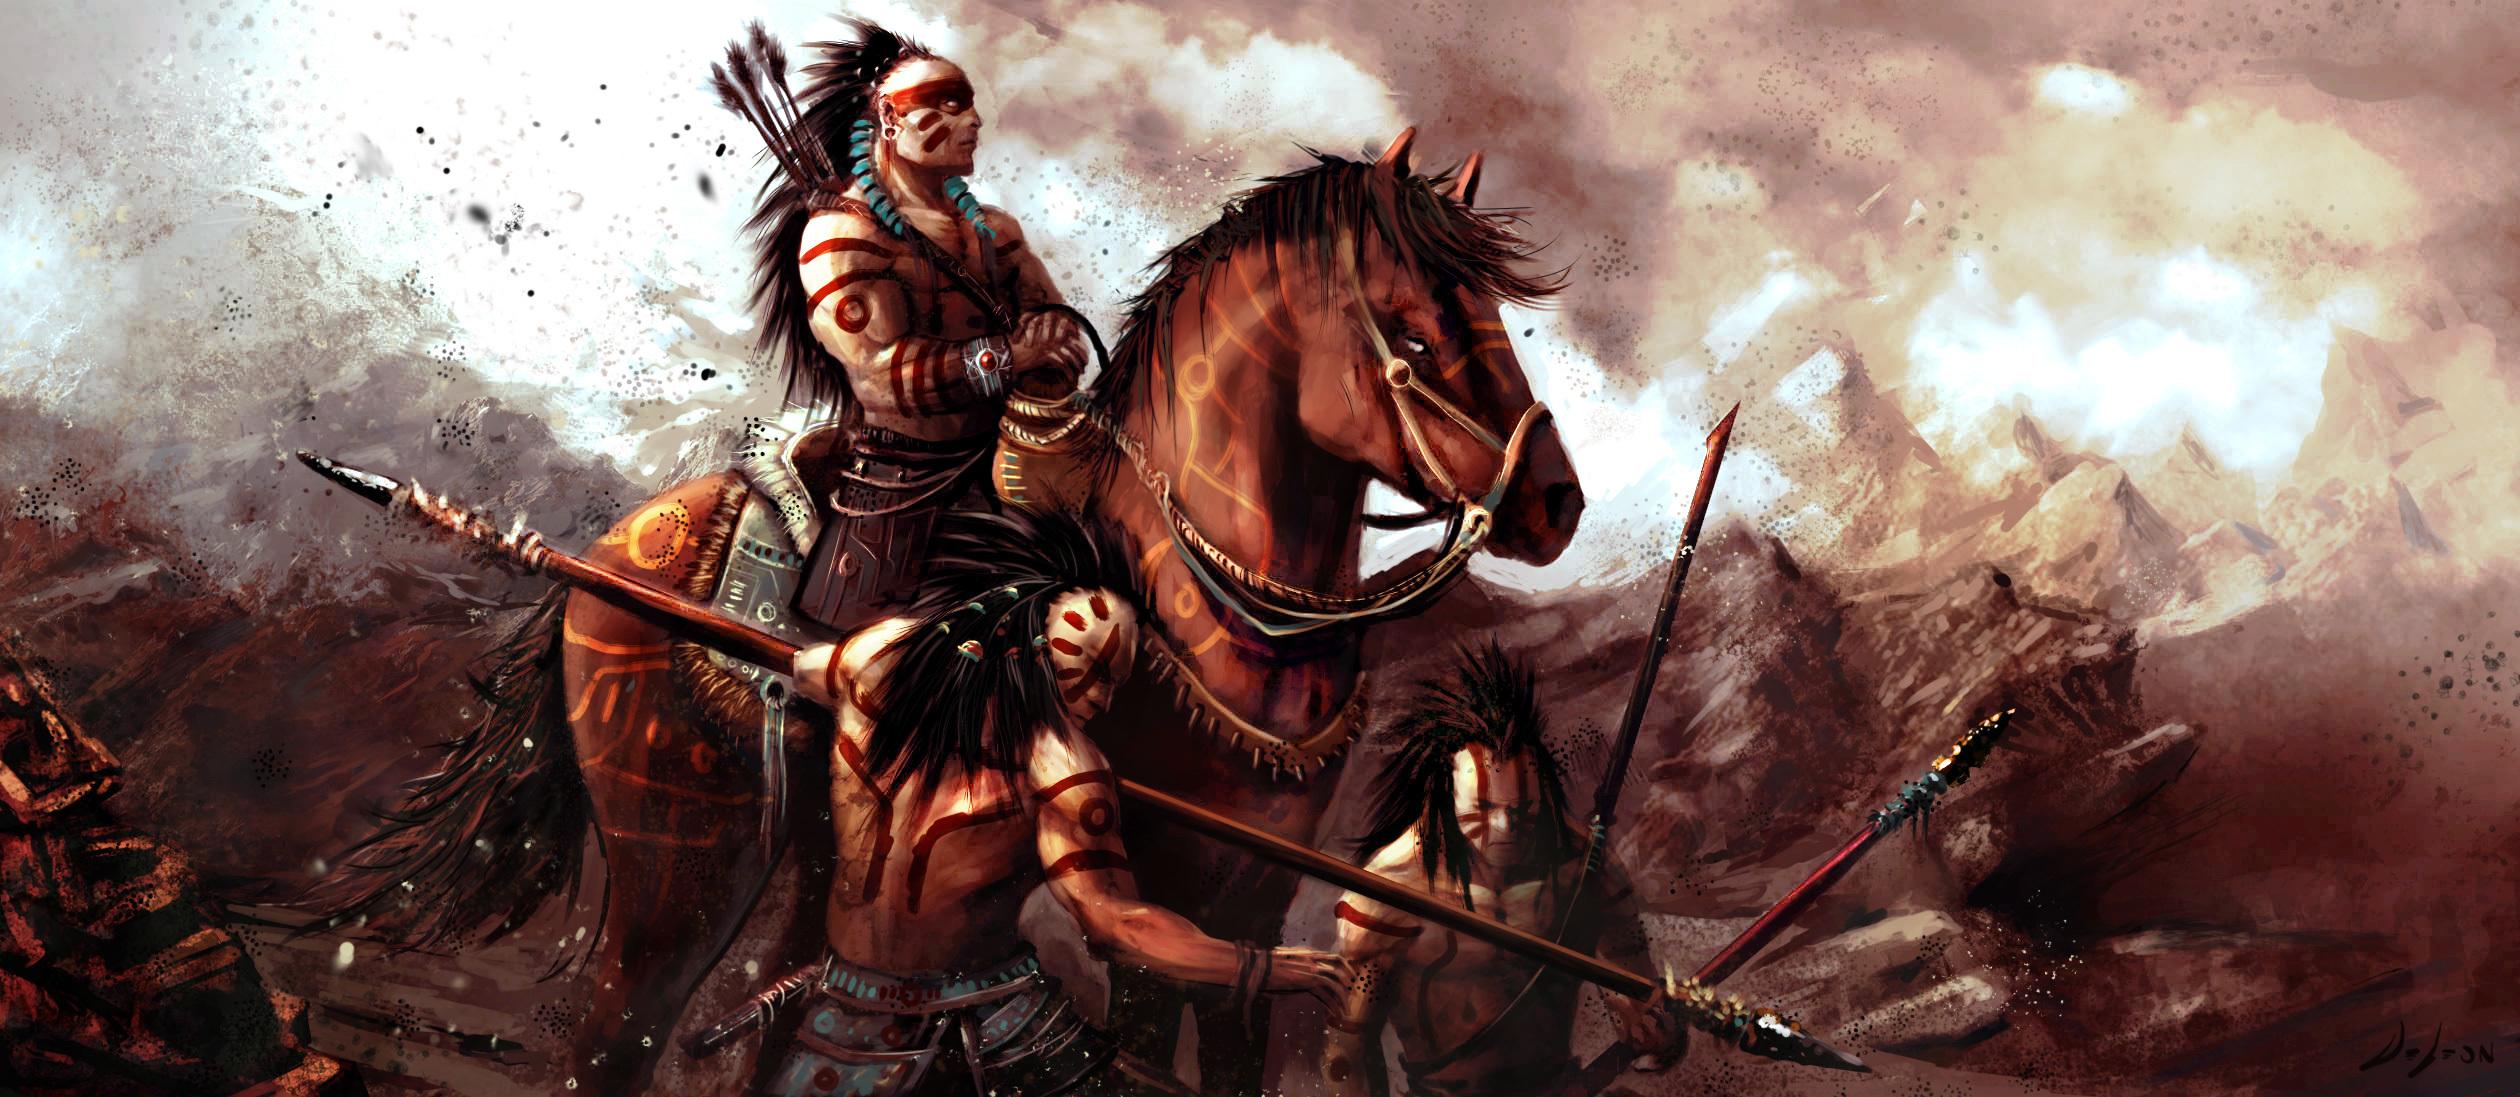 warrior computer wallpapers desktop backgrounds